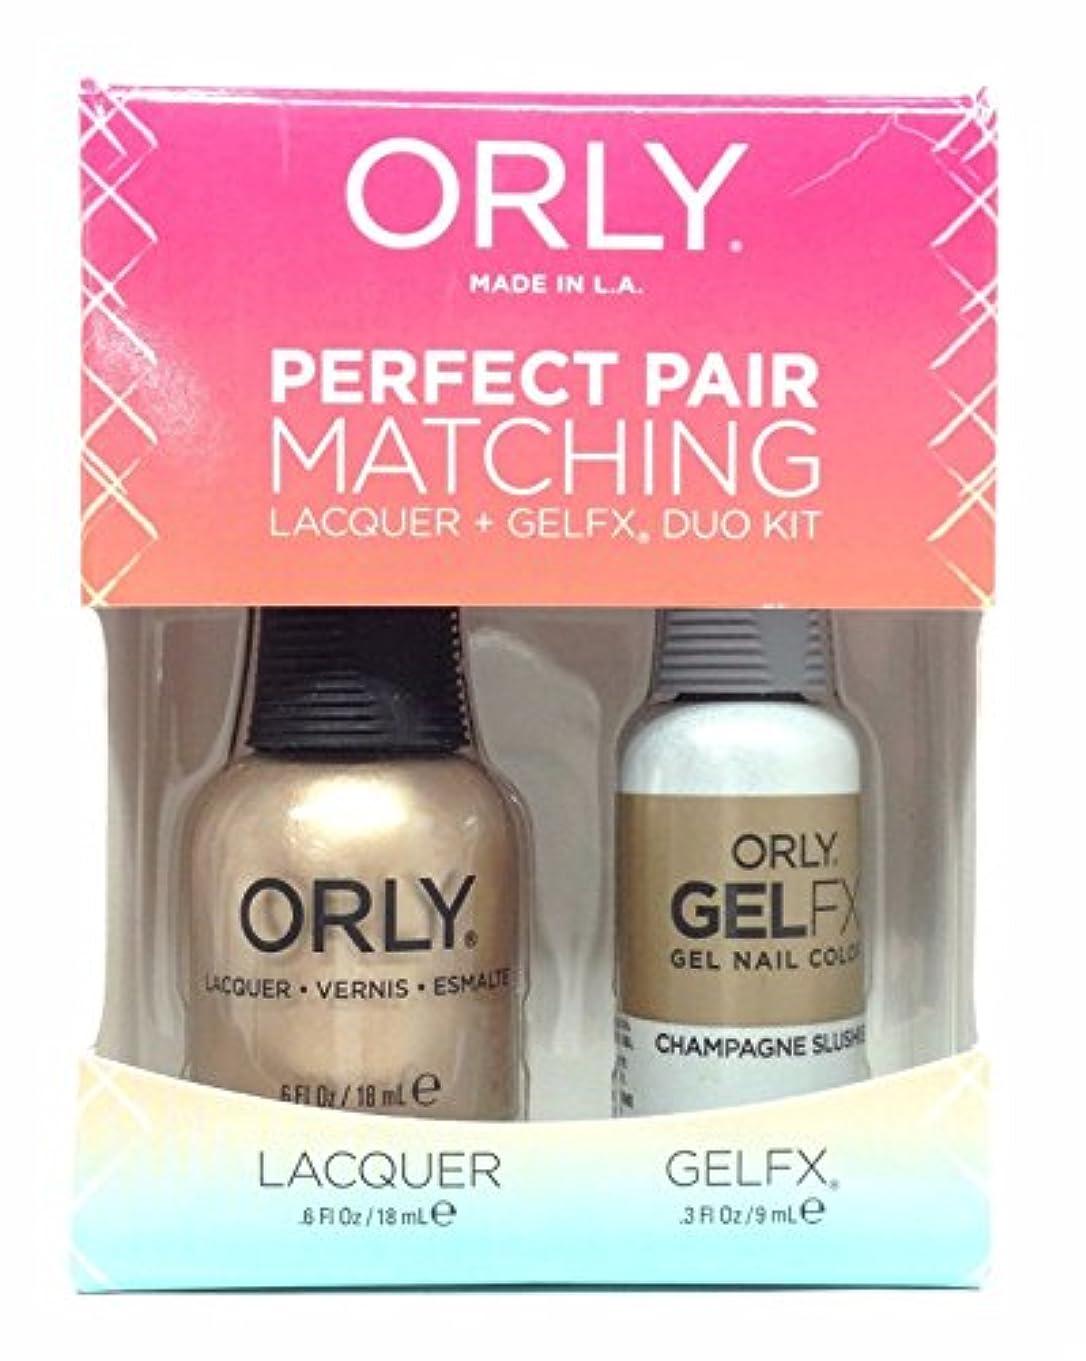 階下スマッシュ悲しいOrly Lacquer + Gel FX - Perfect Pair Matching DUO Kit - Champagne Slushie